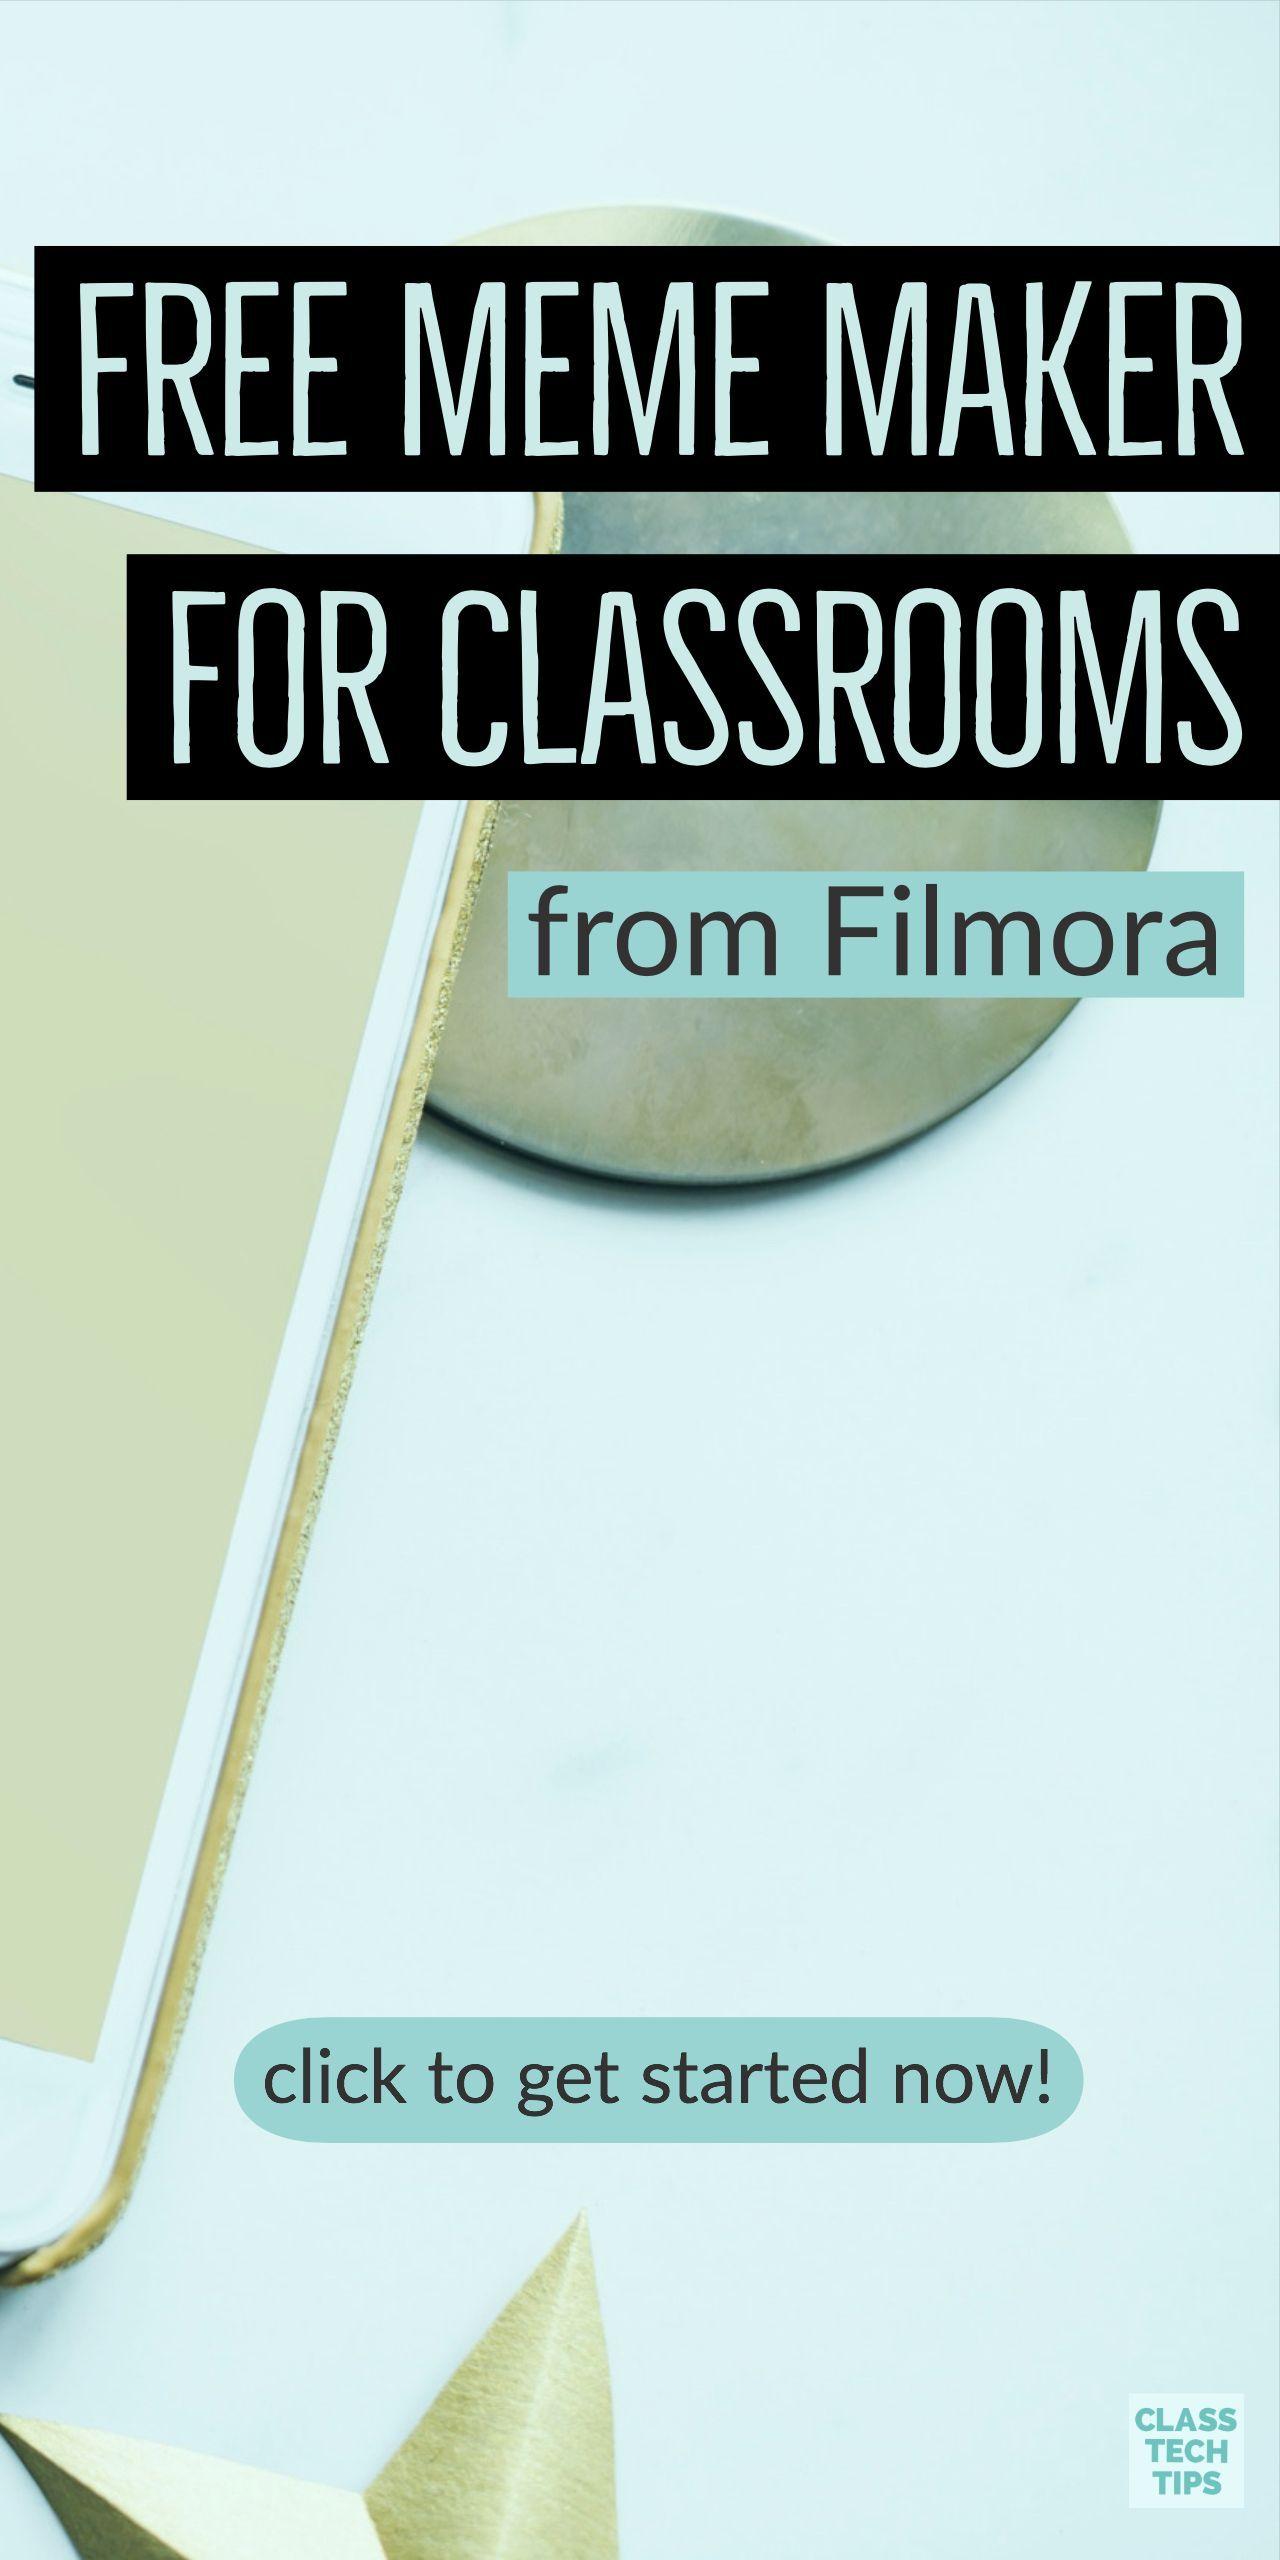 Free Meme Maker for Classrooms from Filmora Class Tech